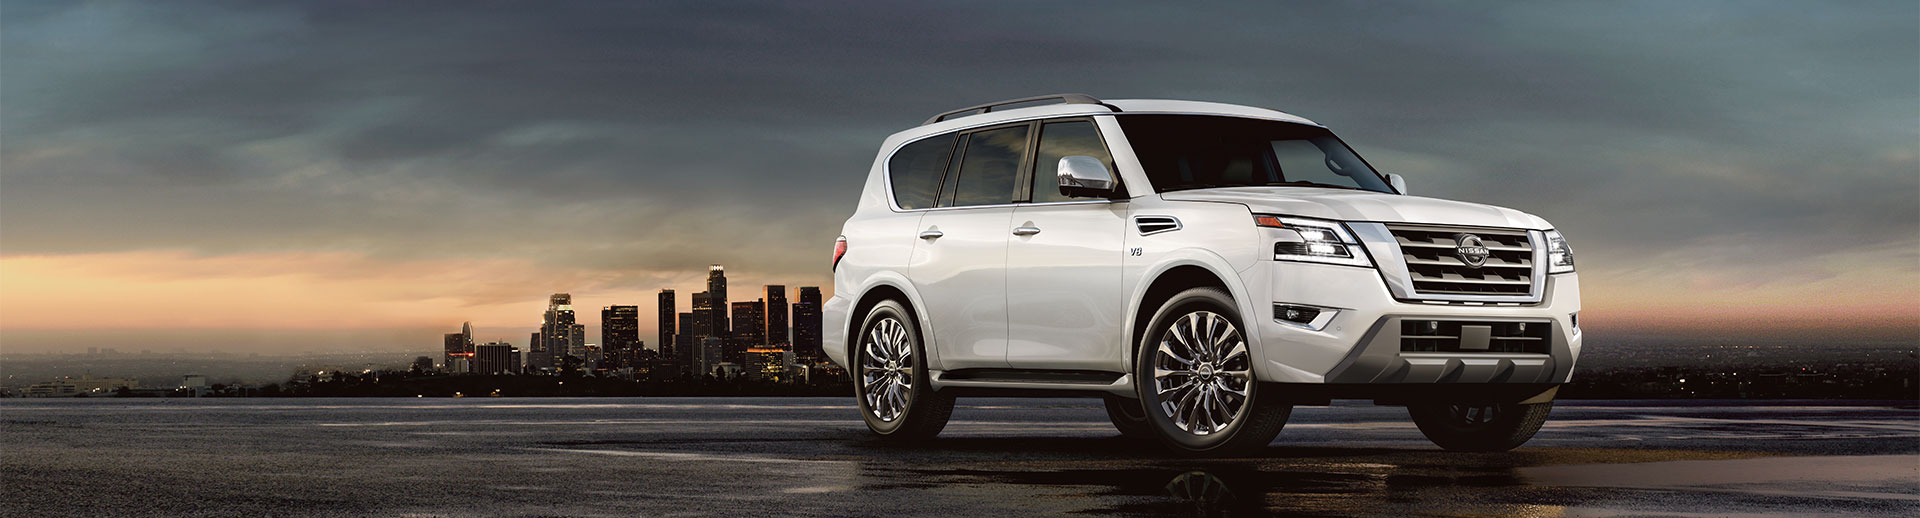 2021 Nissan Armada Lifestyle Photo